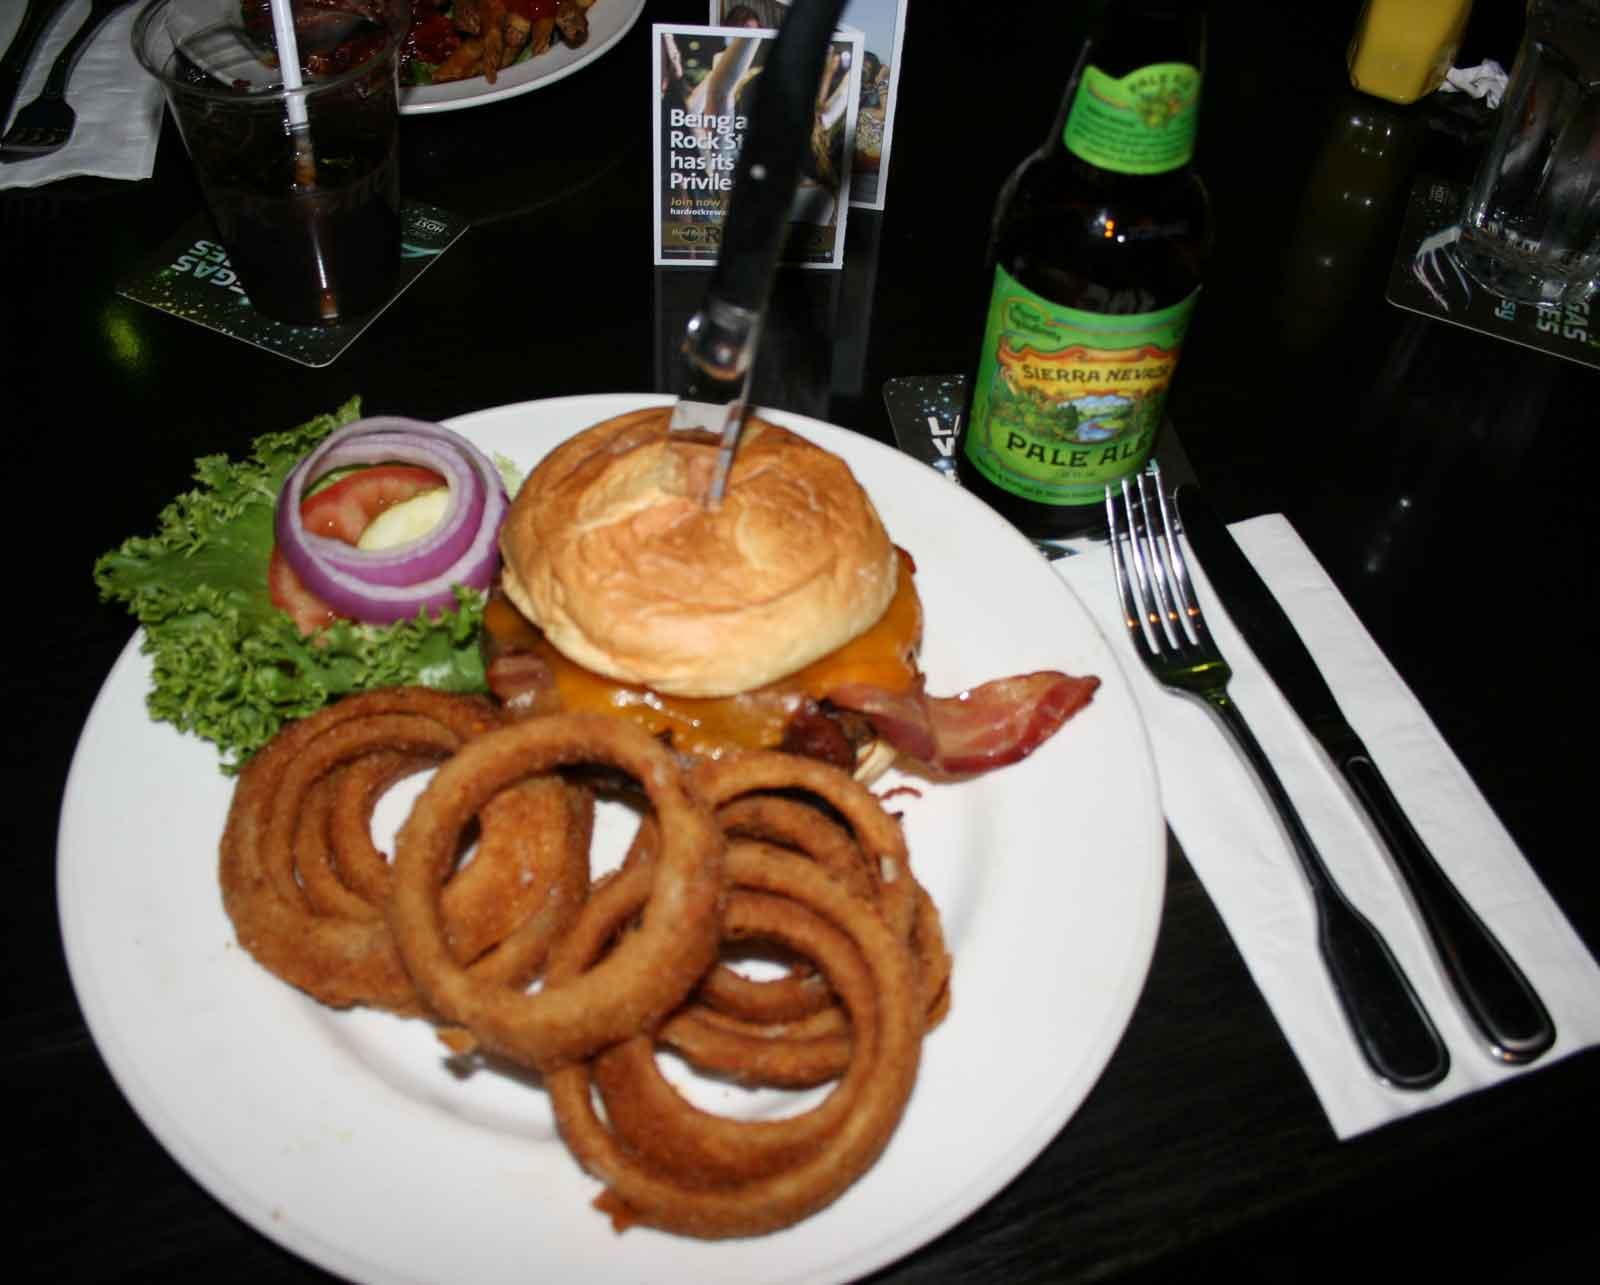 PaleAle mit Burger